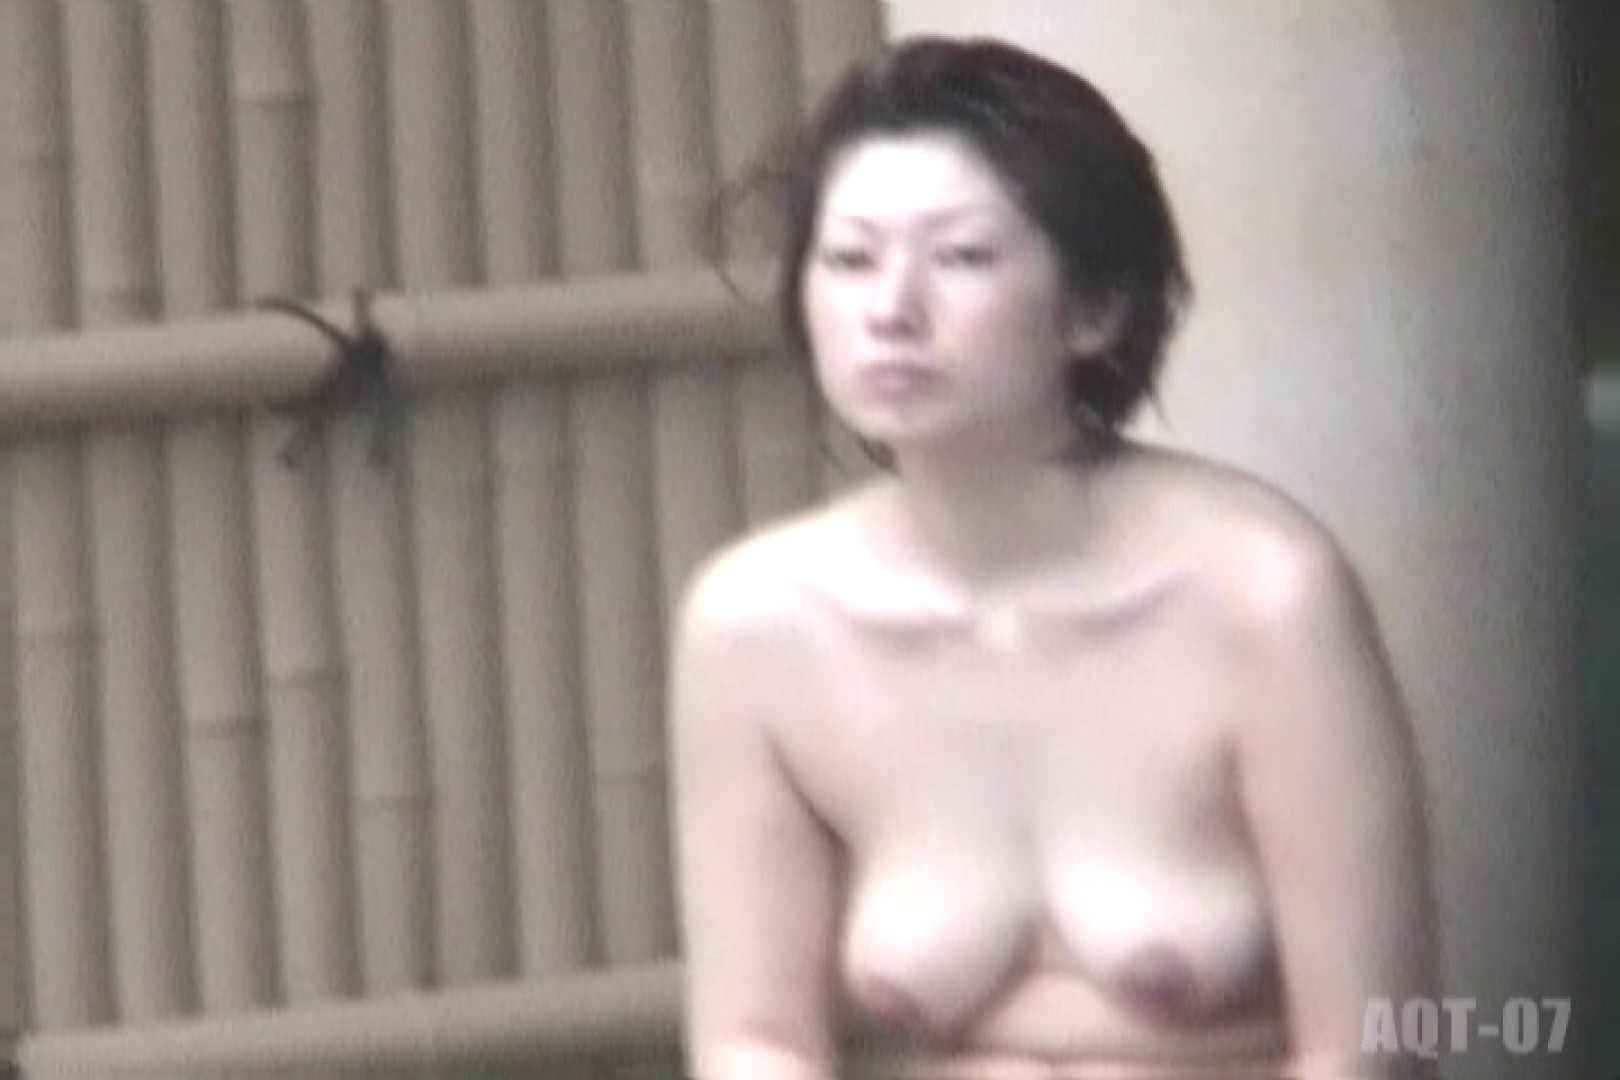 Aquaな露天風呂Vol.766 OLエロ画像 | 盗撮  105PICs 94